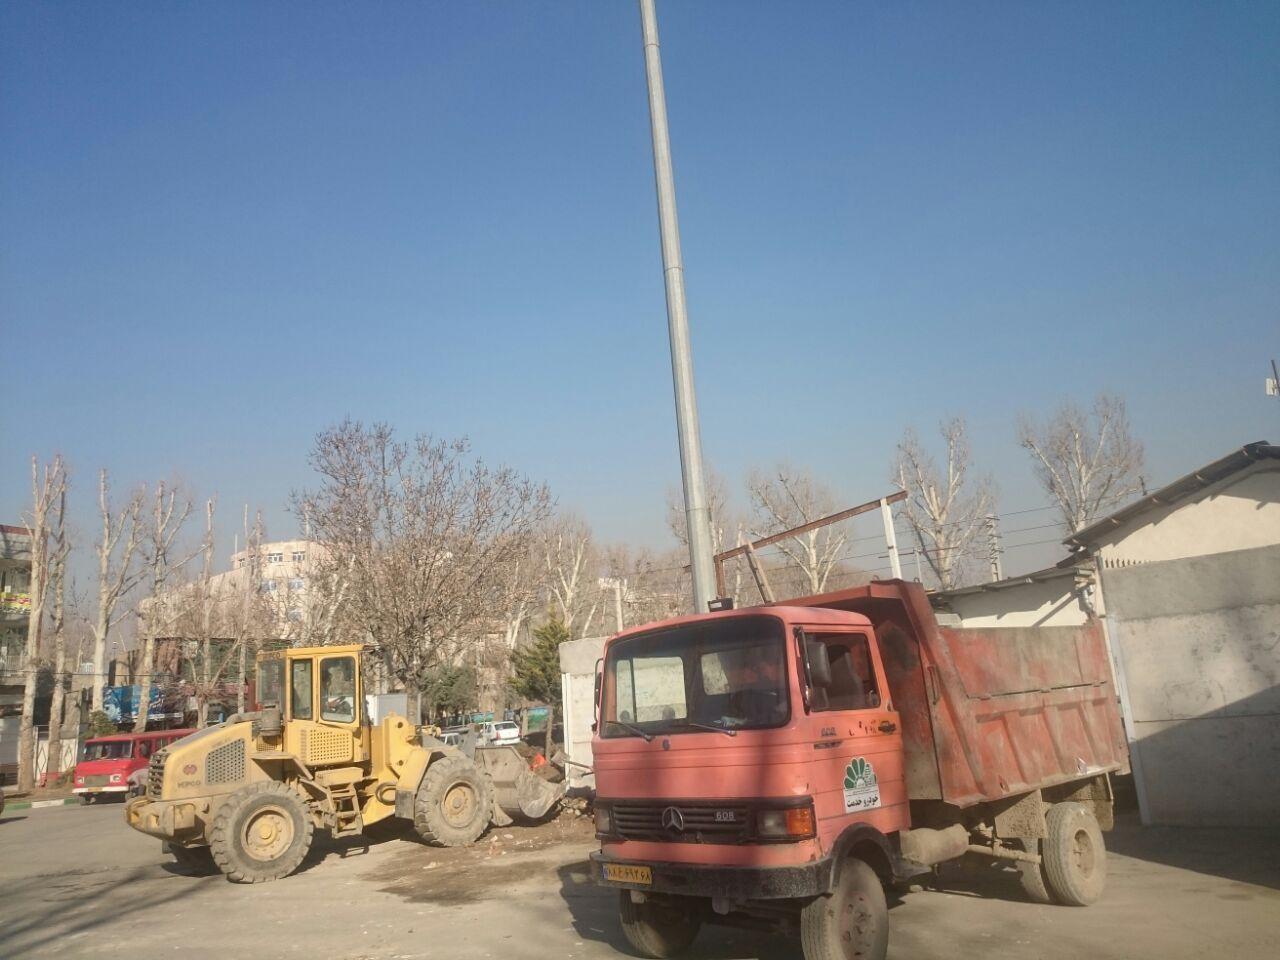 پاکسازی نخاله های انباشت شده در قسمتی از خیابان ولیعصر(عج) جنوبی